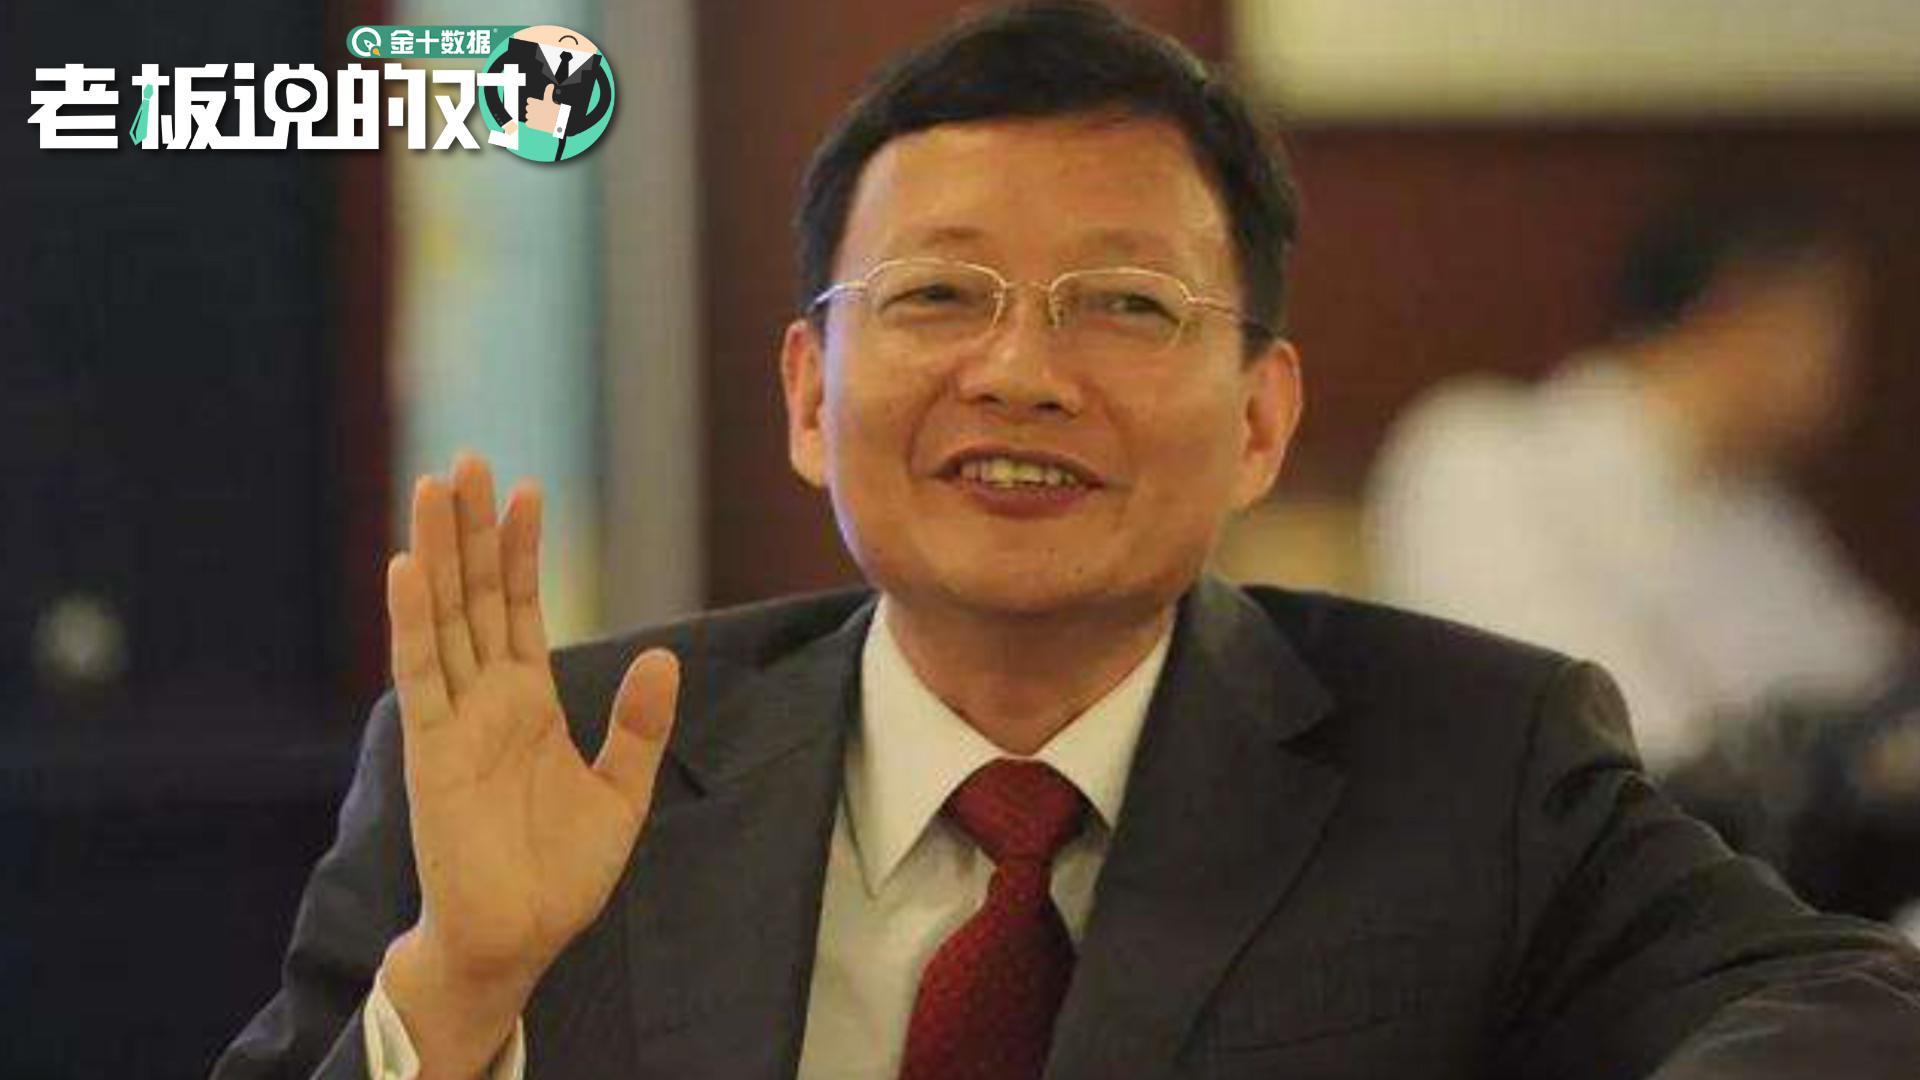 李大霄:现在买股票就不是高手!武汉封城买入最安全,牛市最危险